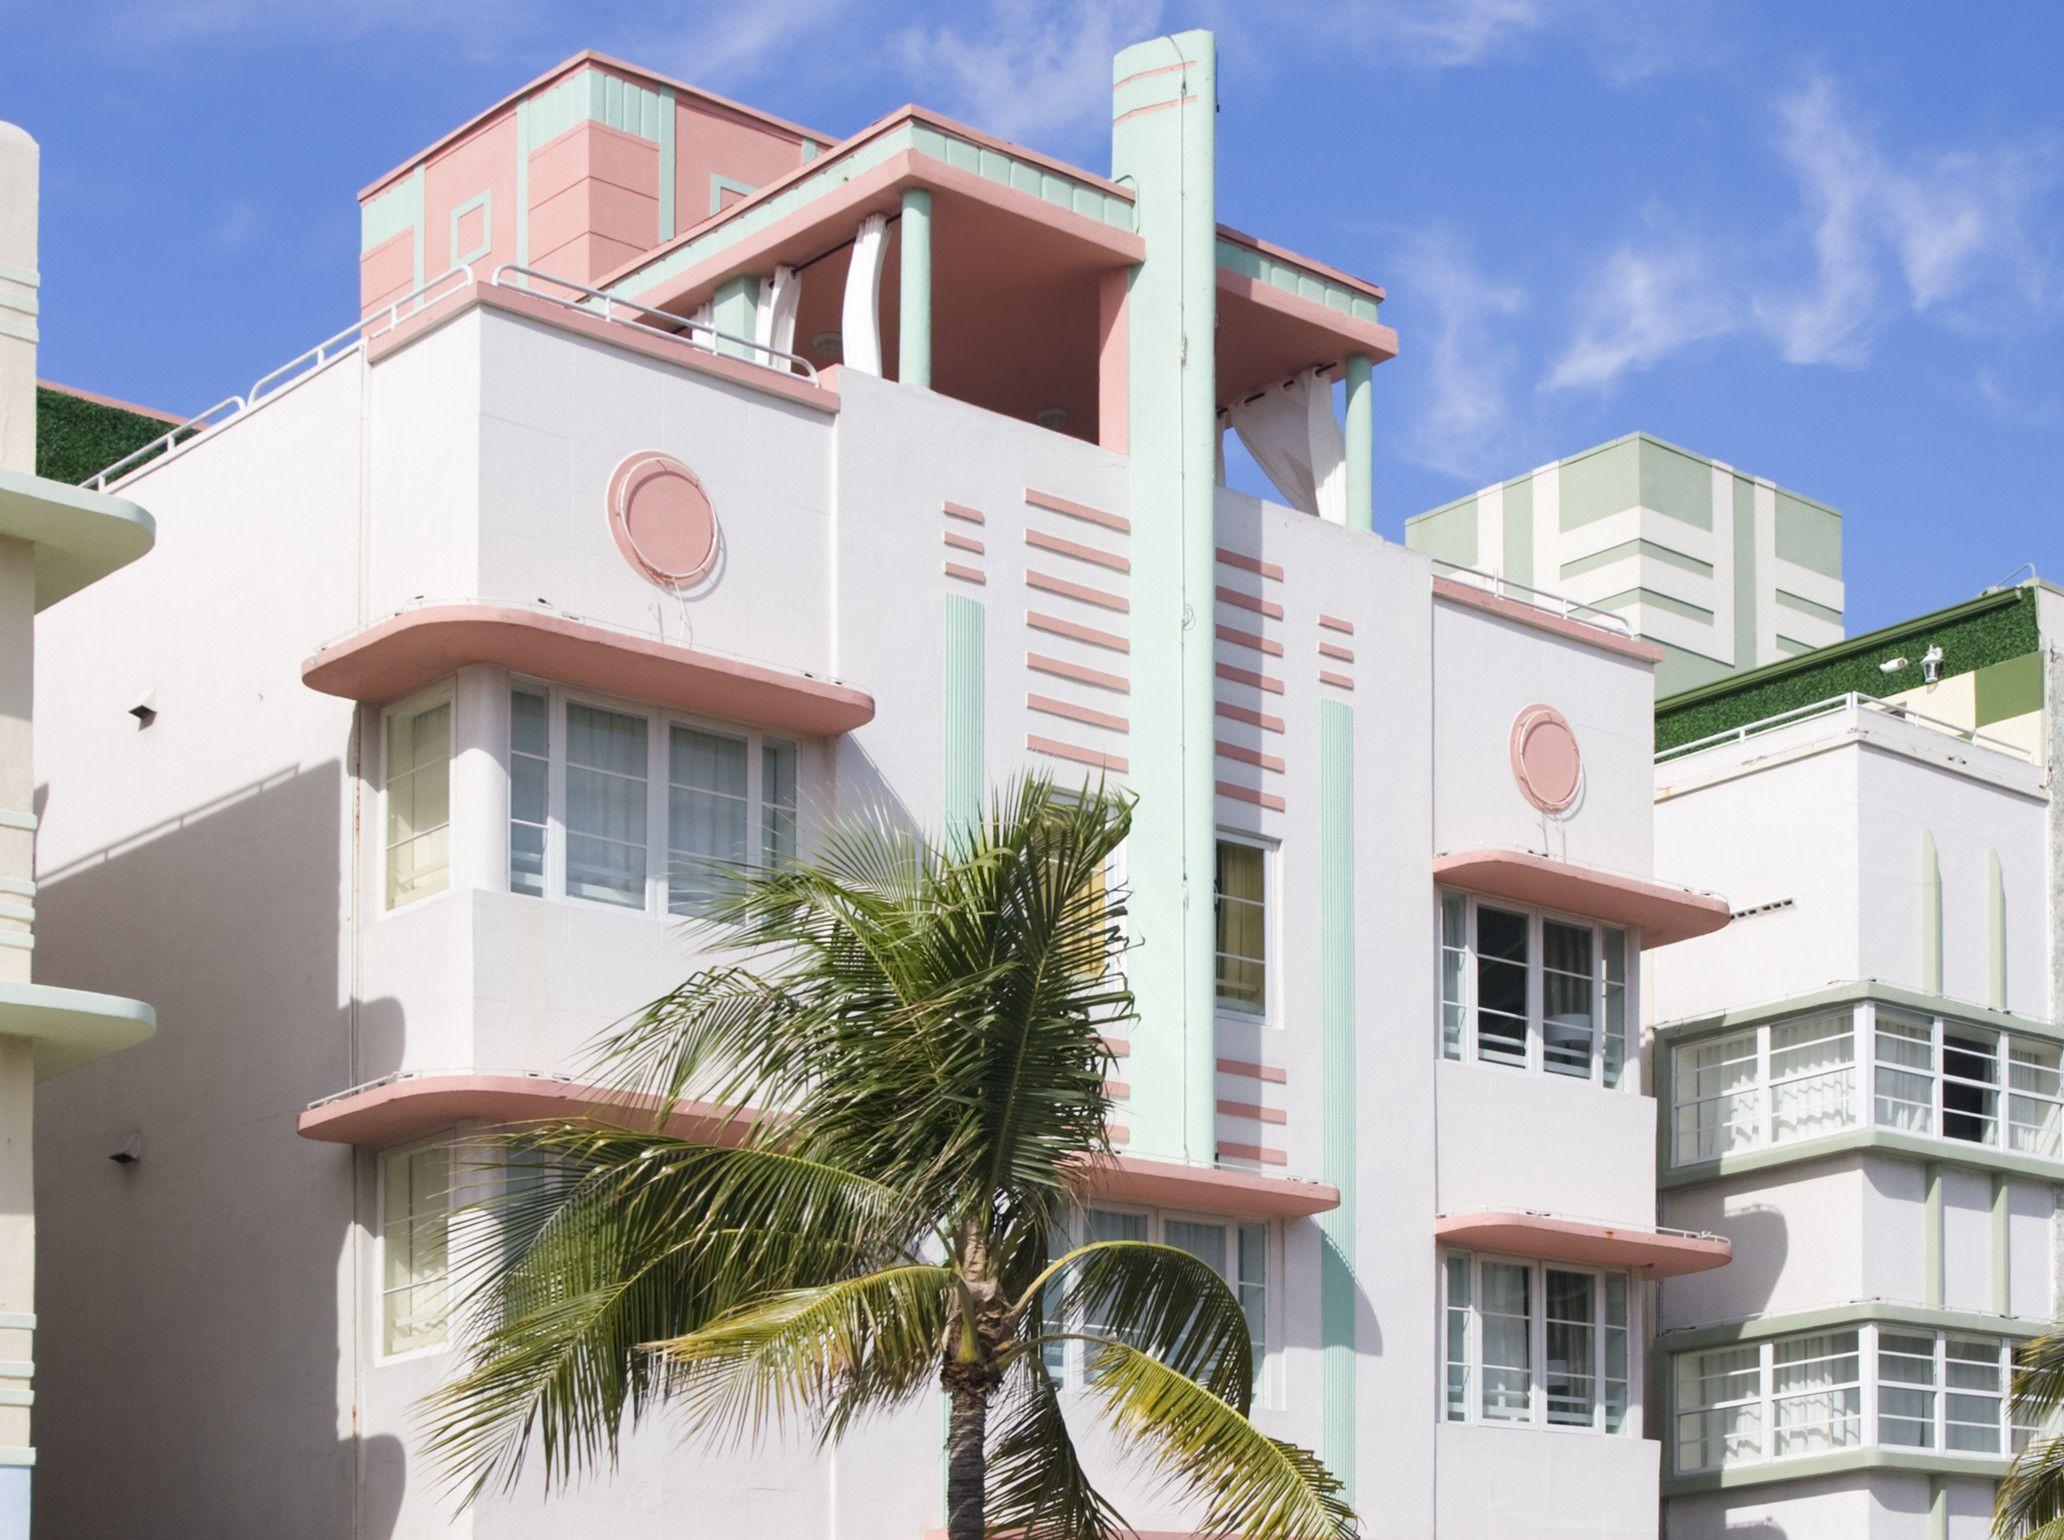 10++ Art avenue apartments orlando reviews info